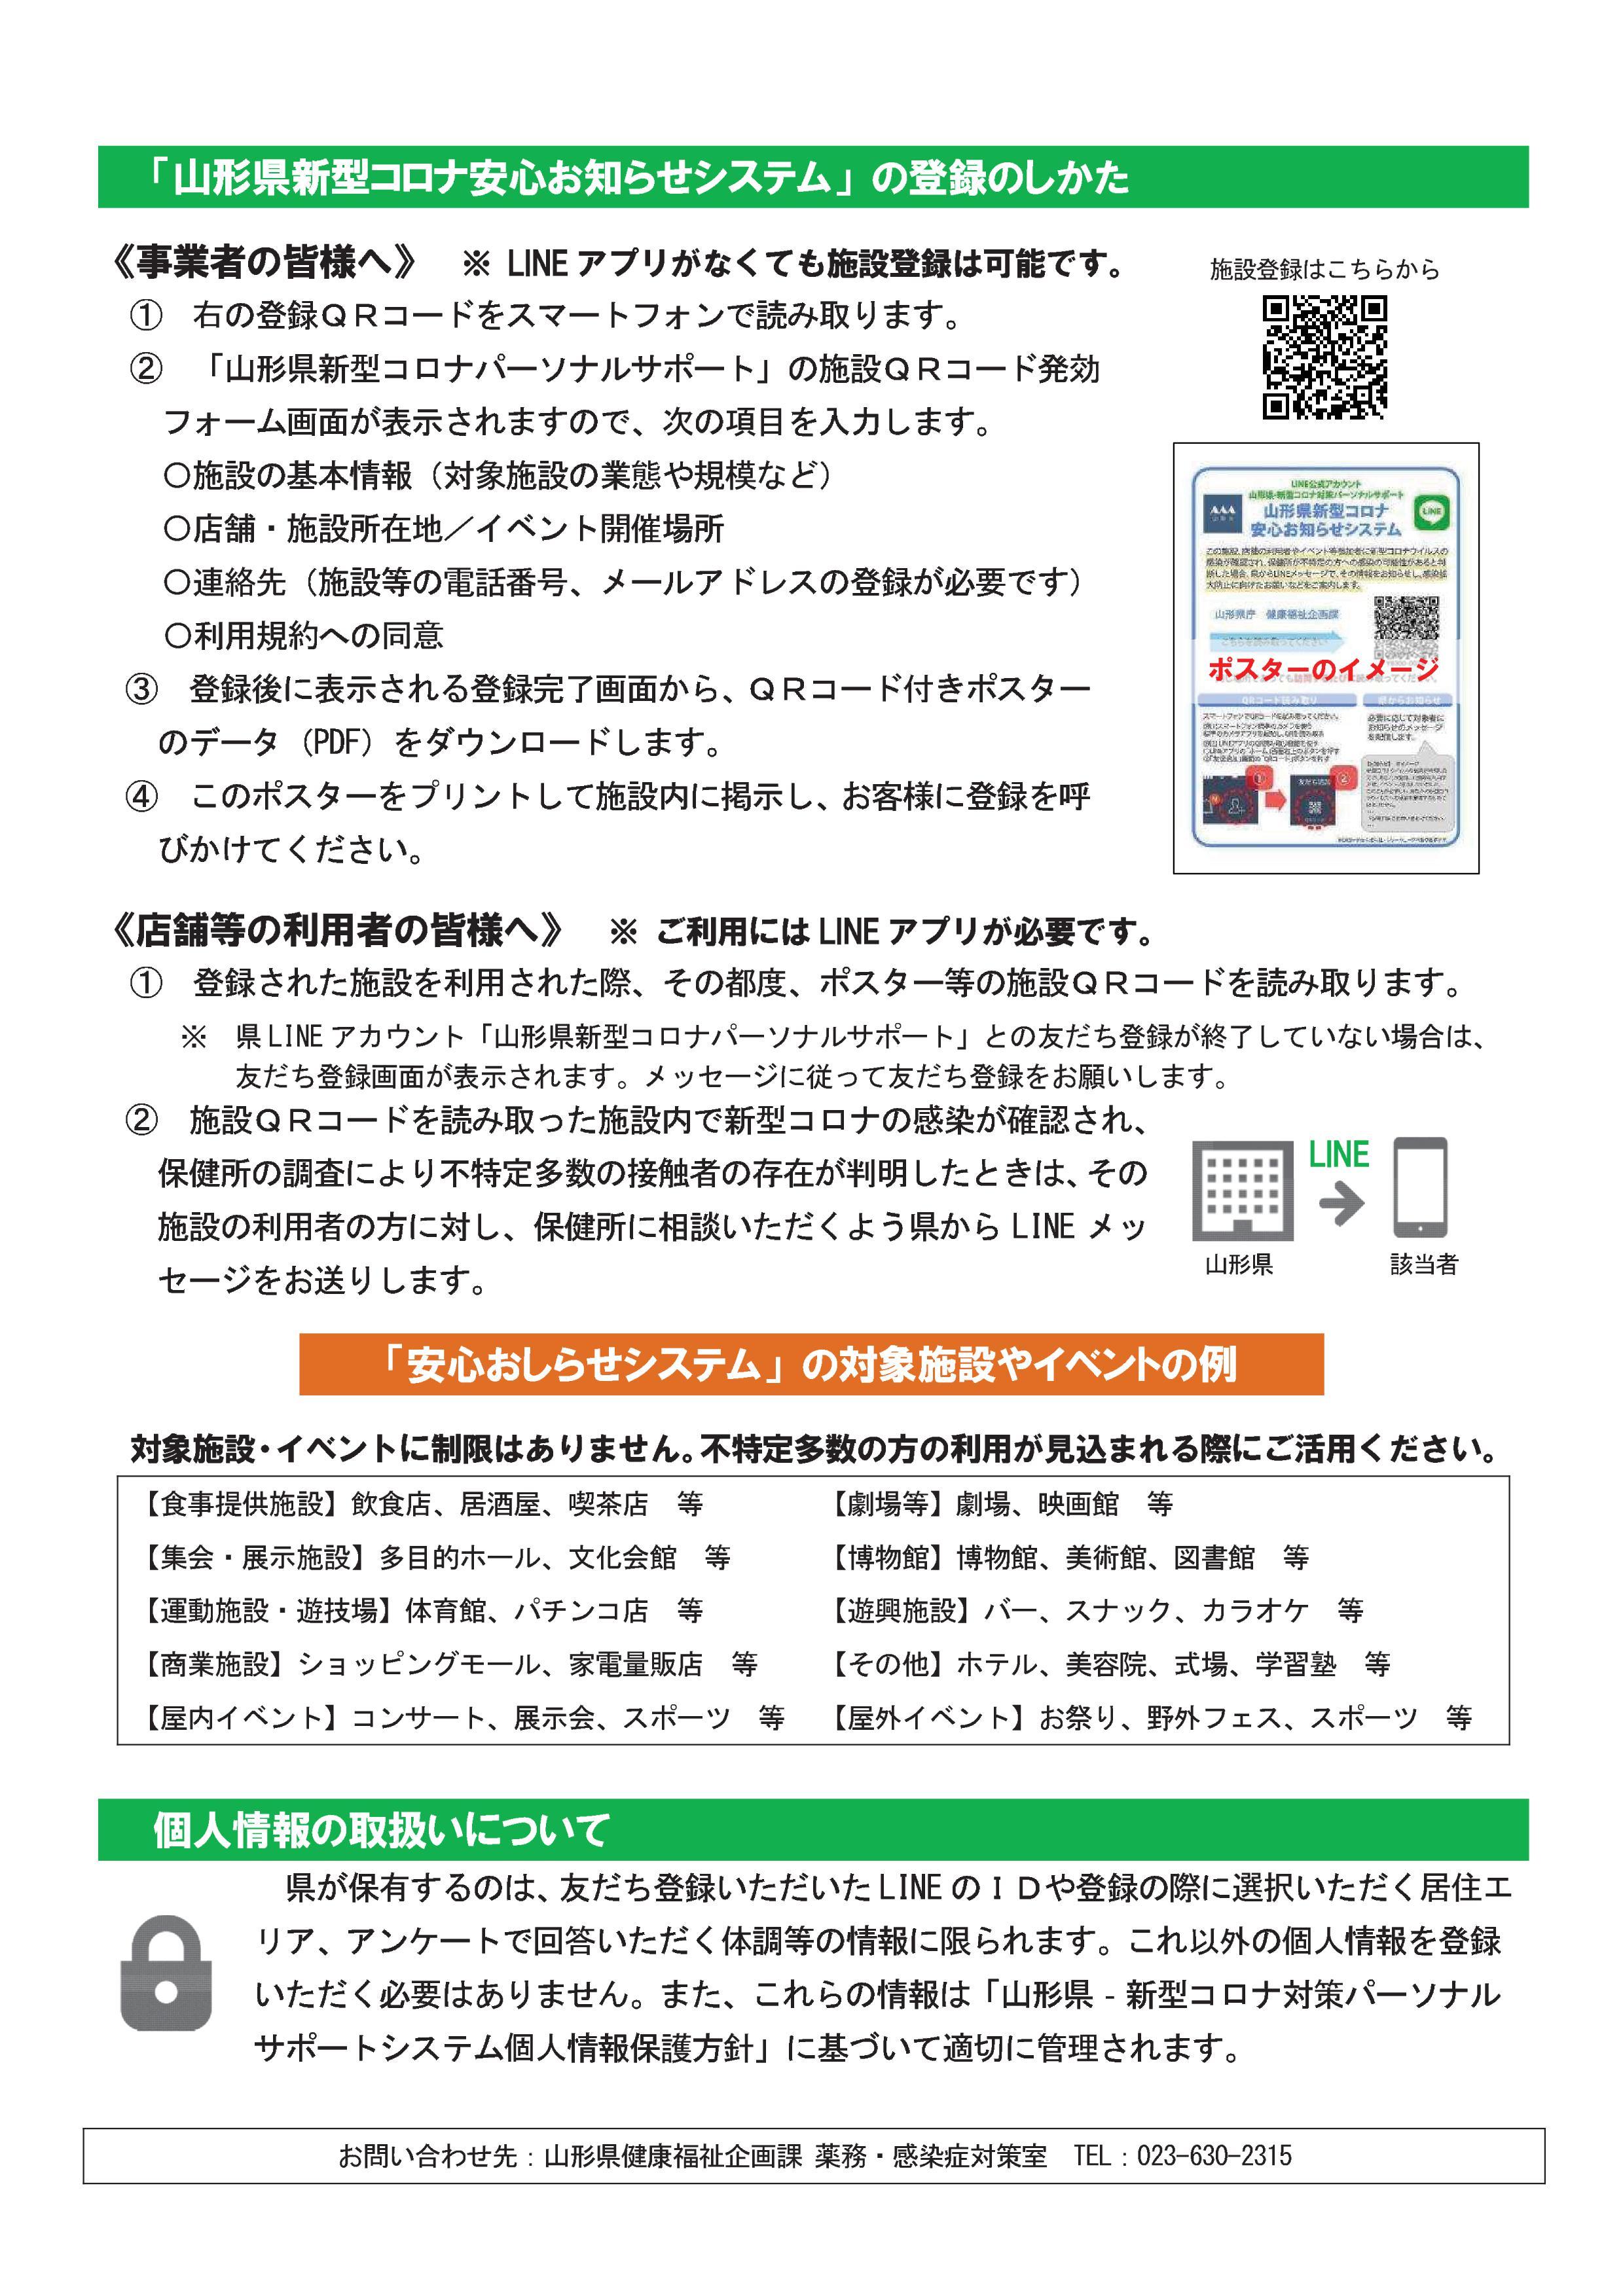 安心お知らせシステム(チラシ)-02.jpg